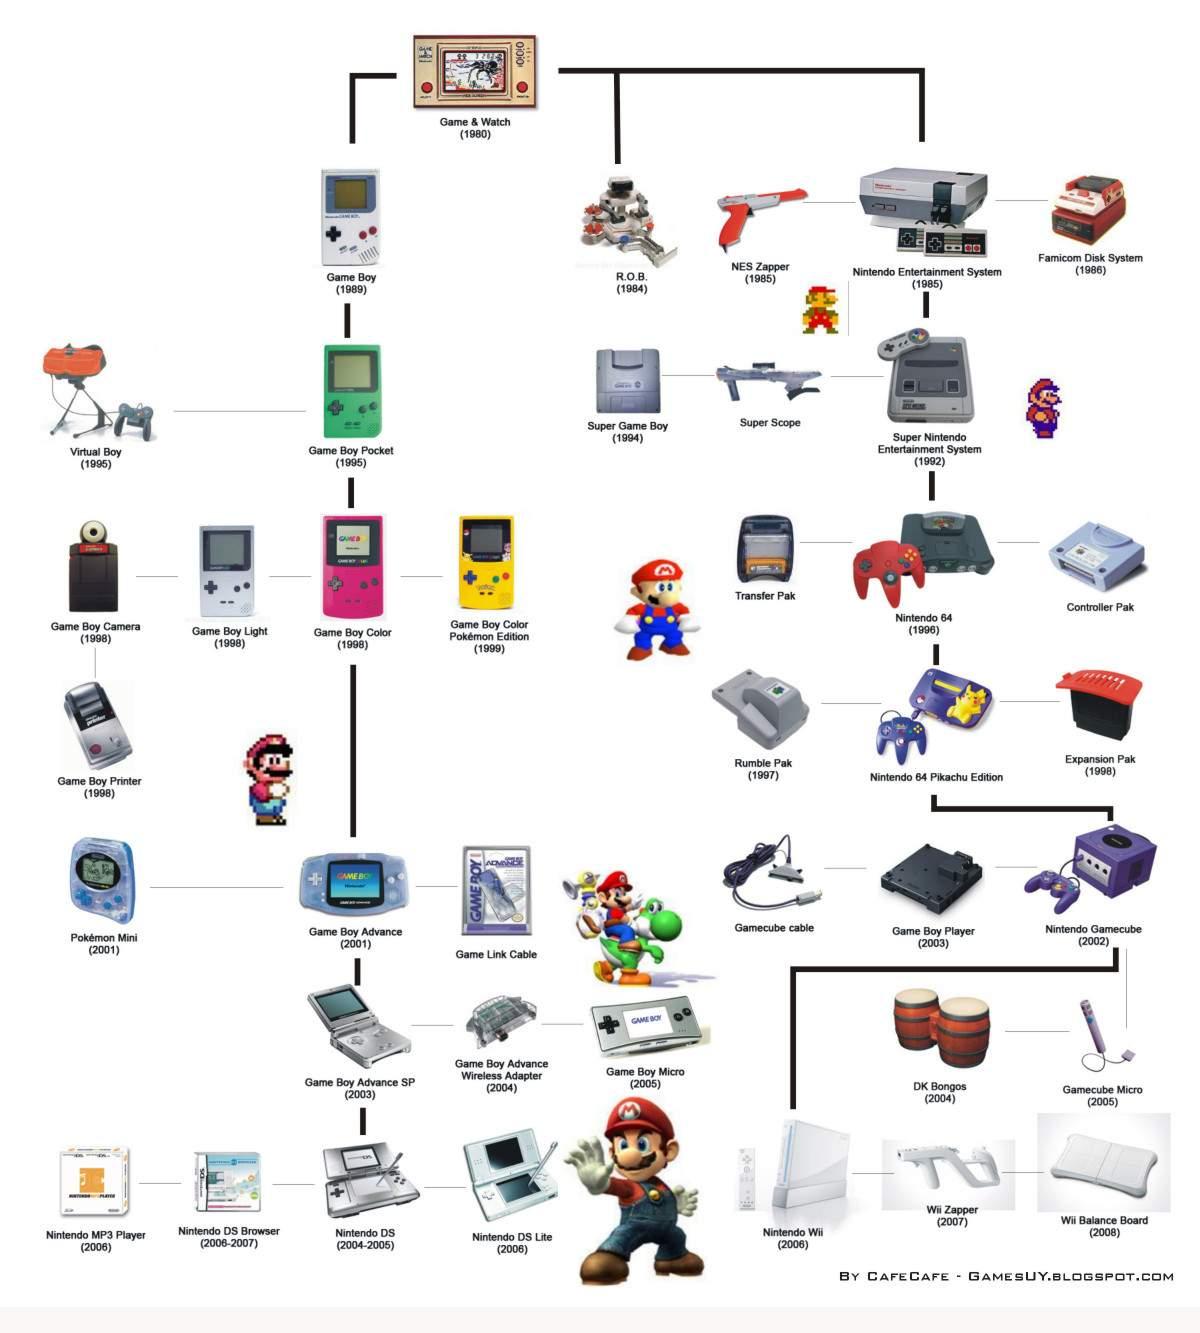 A evolução do Mario e dos videogames durante os anos